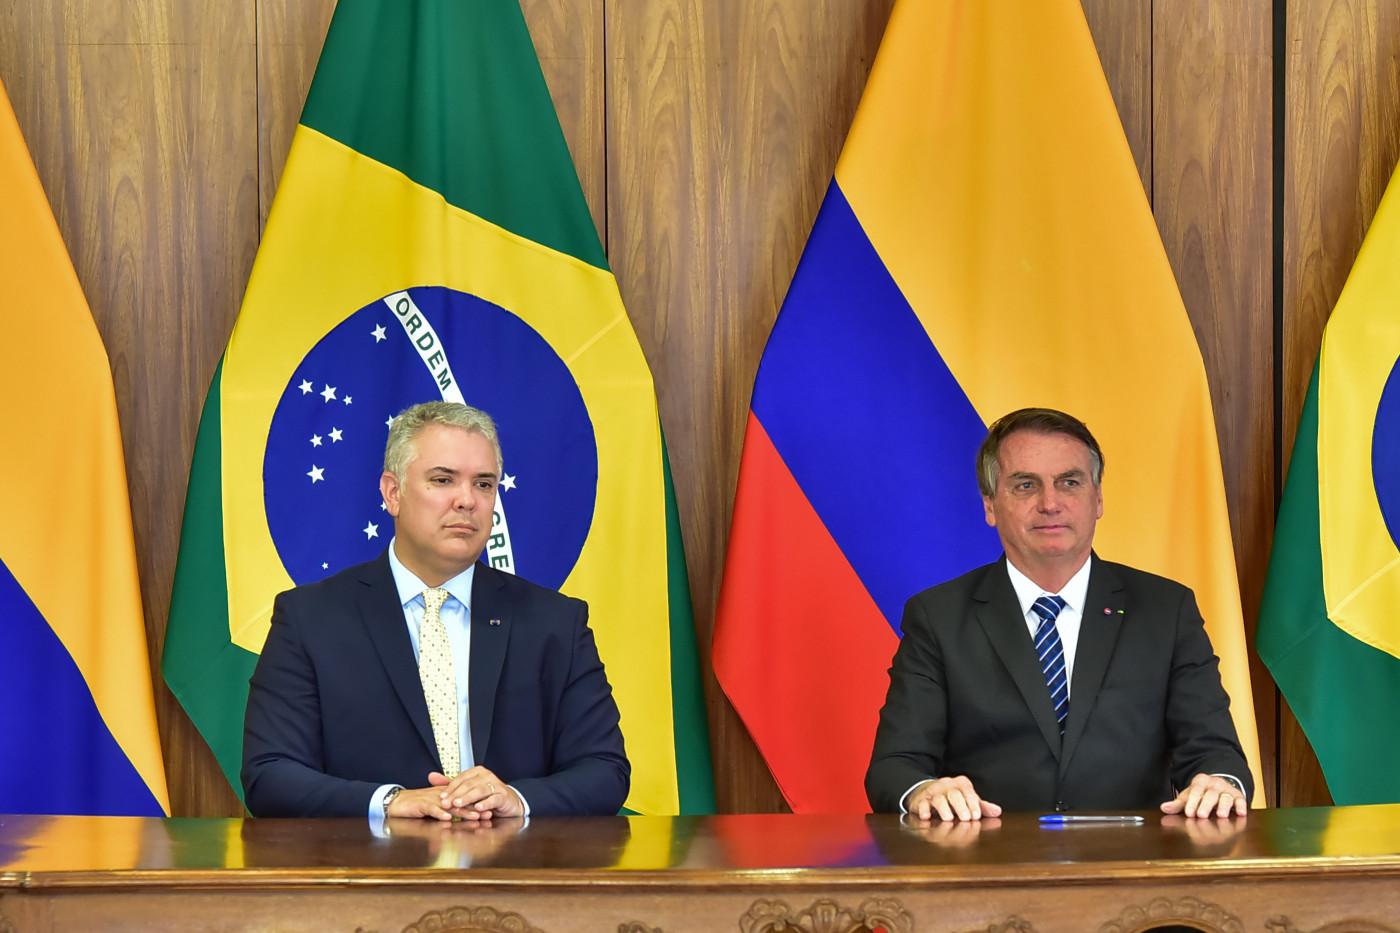 O presidente Ivan Duque, da Colômbia, e presidente Jair Bolsonaro sentados em uma bancada em frente às bandeiras dos países